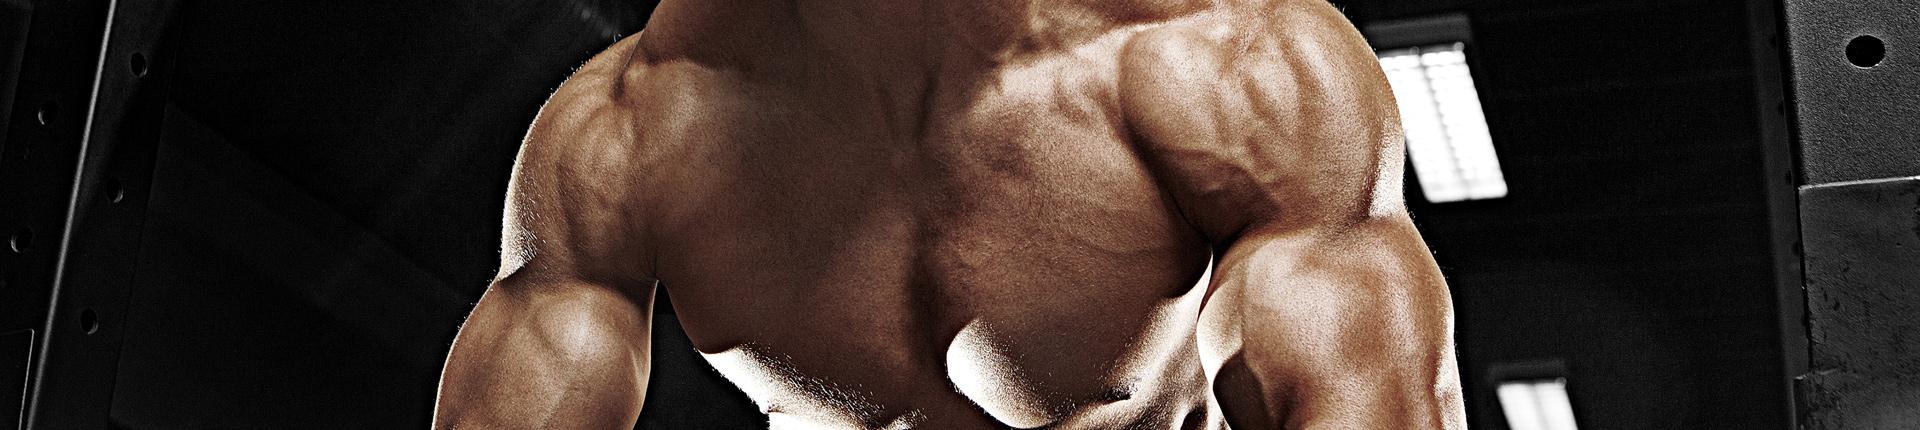 Leucyna redukuje tłuszcz i chroni mięśnie